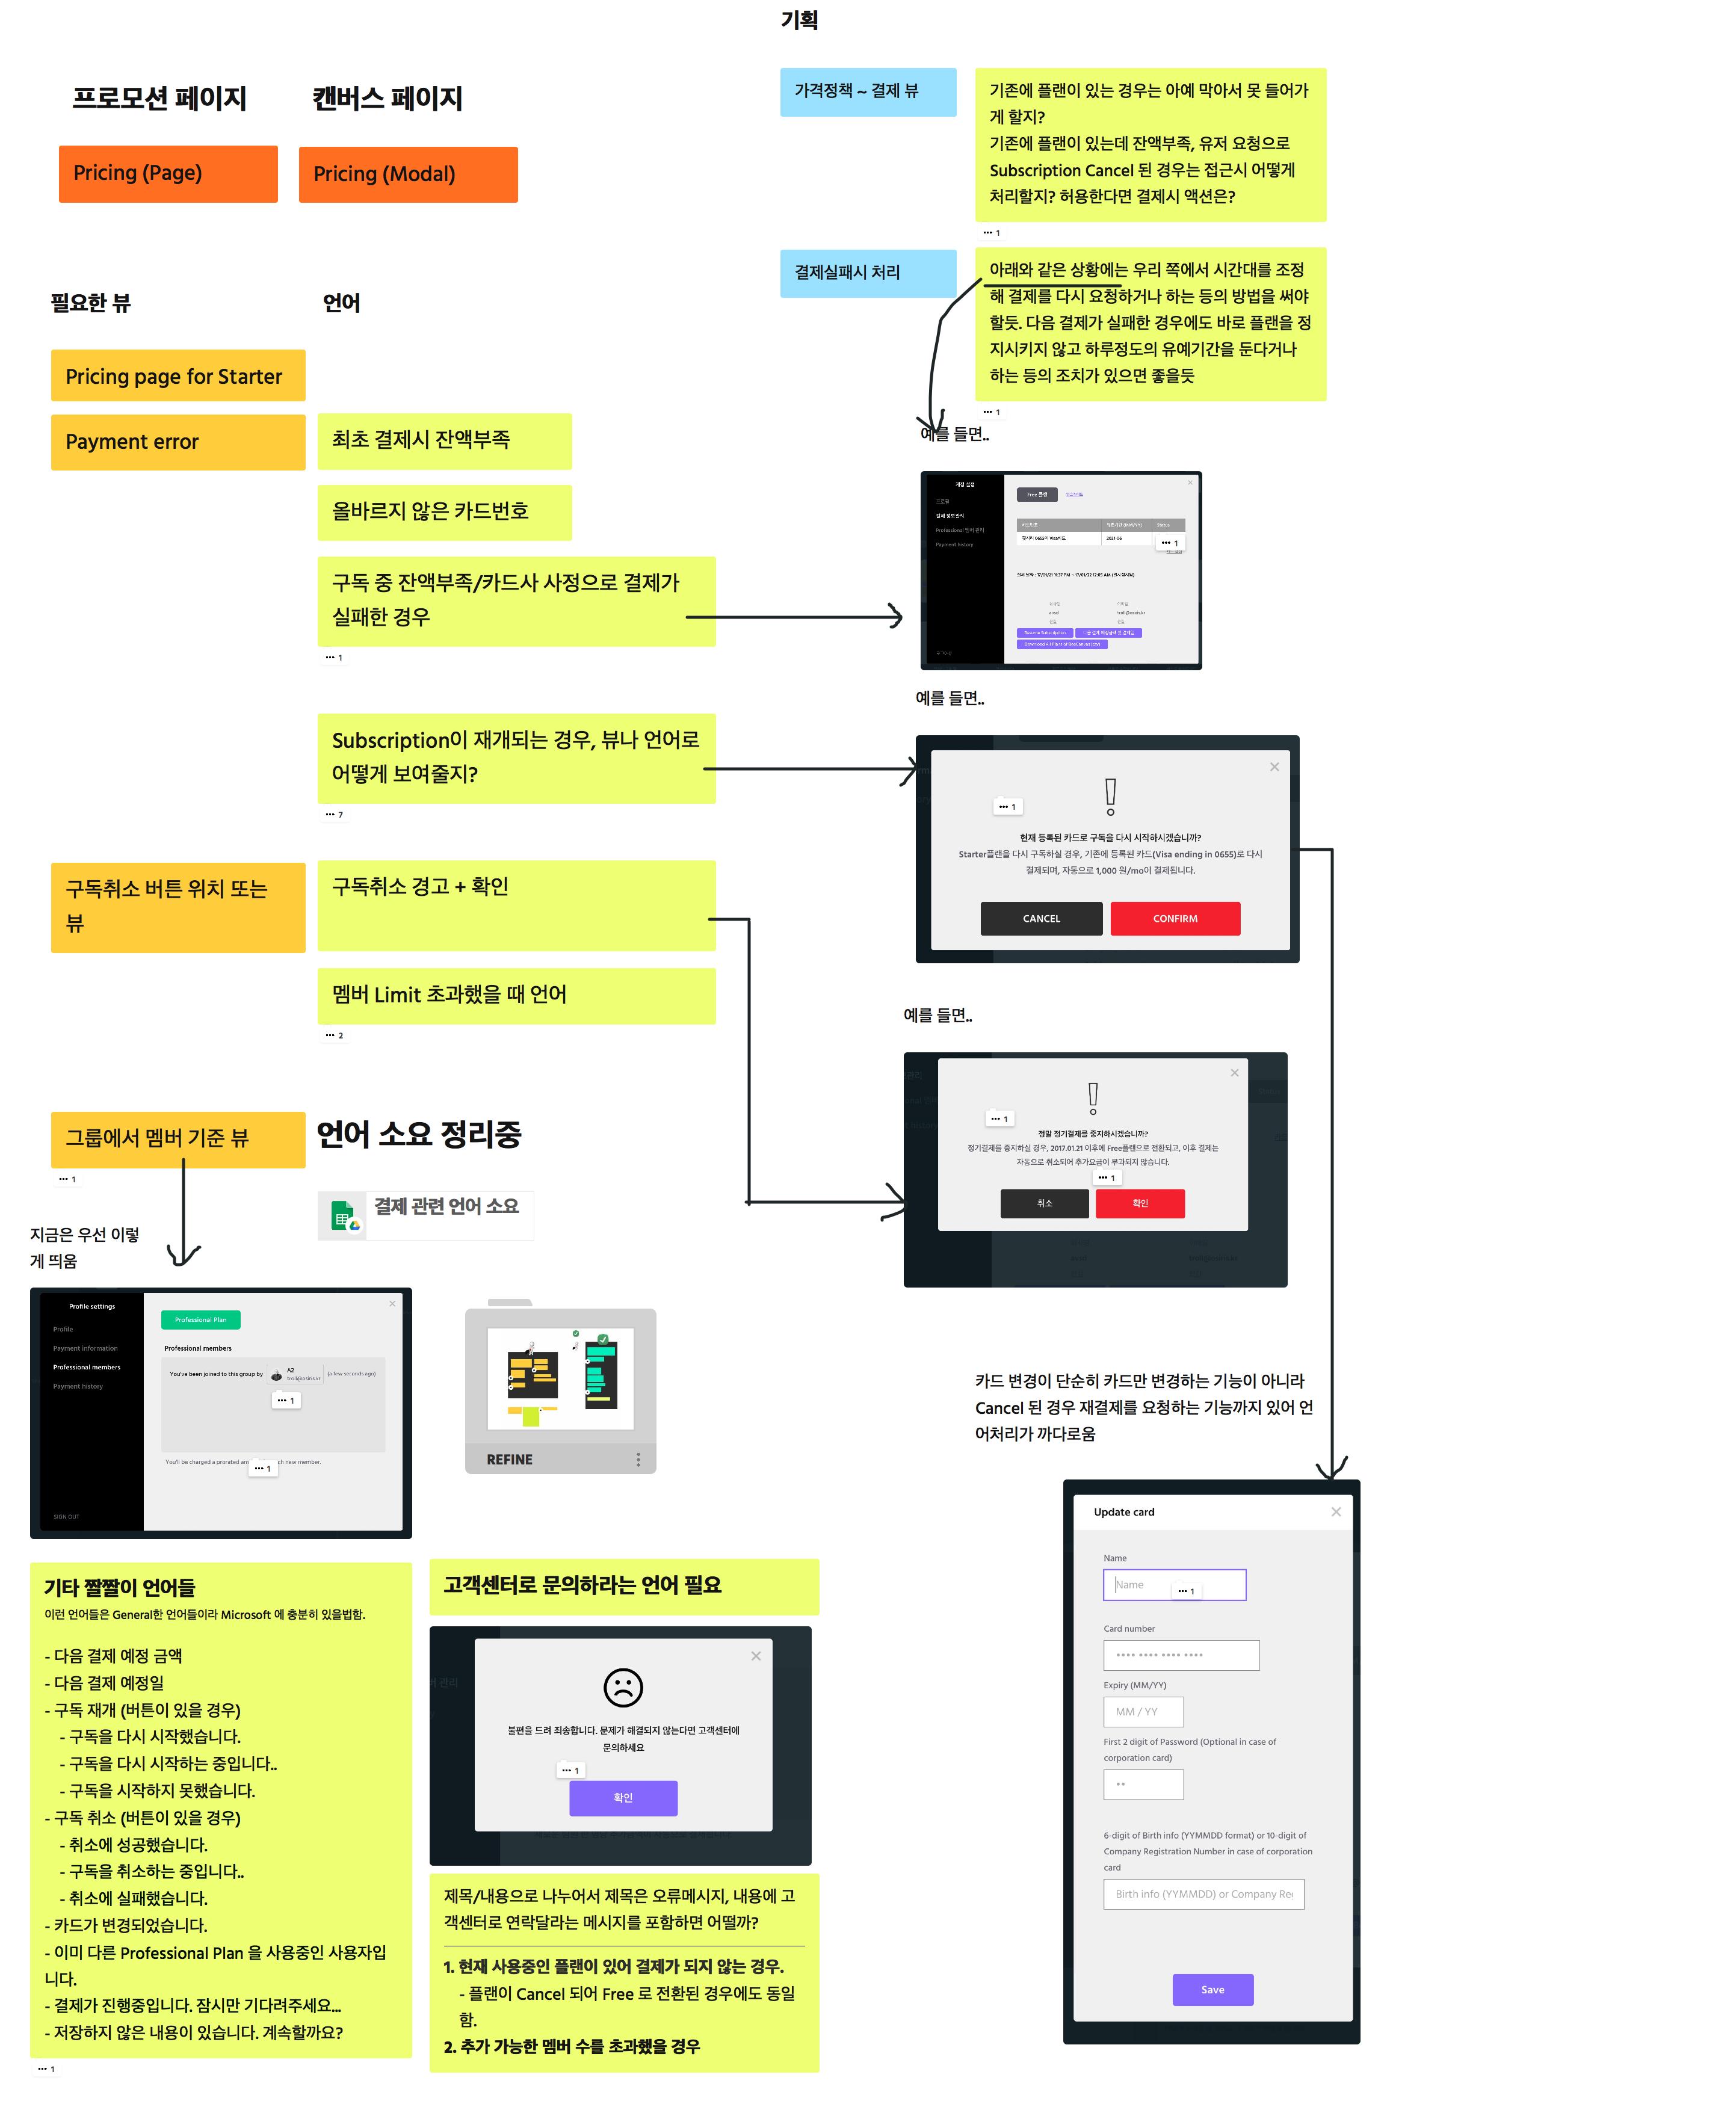 비캔버스 – 비주얼 기반 차세대 협업툴 - 기억